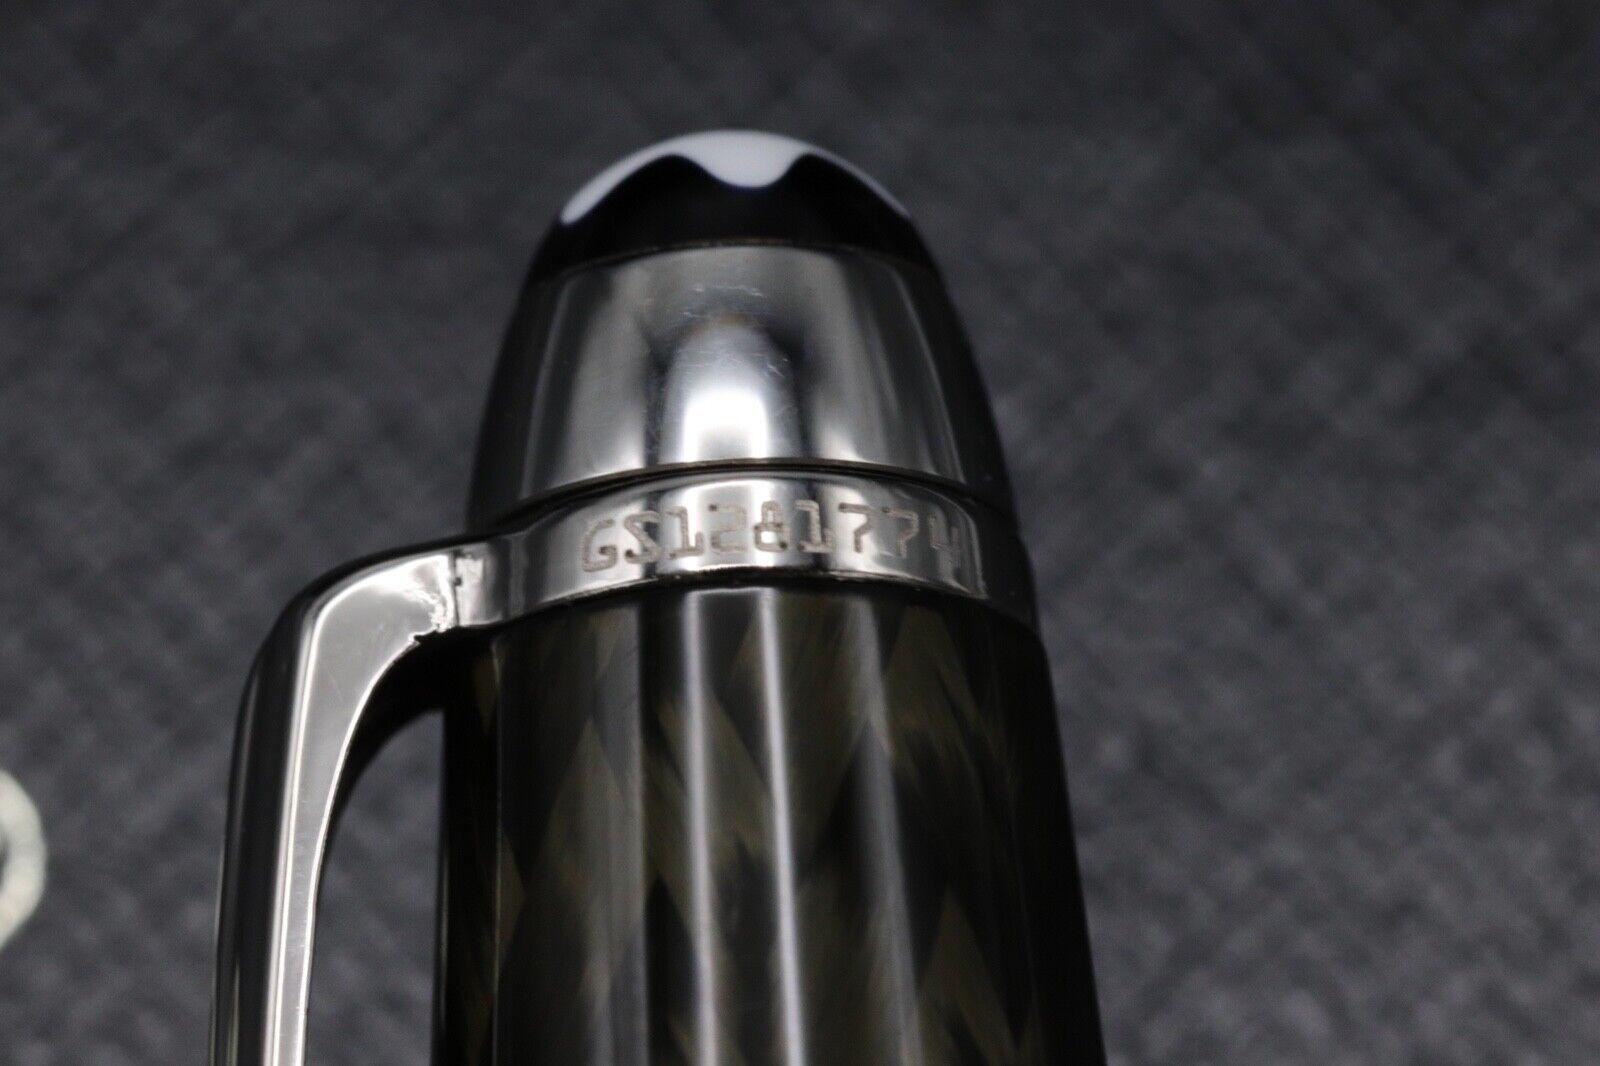 Montblanc Meisterstuck 144 Classique Carbon Steel Fountain Pen 6